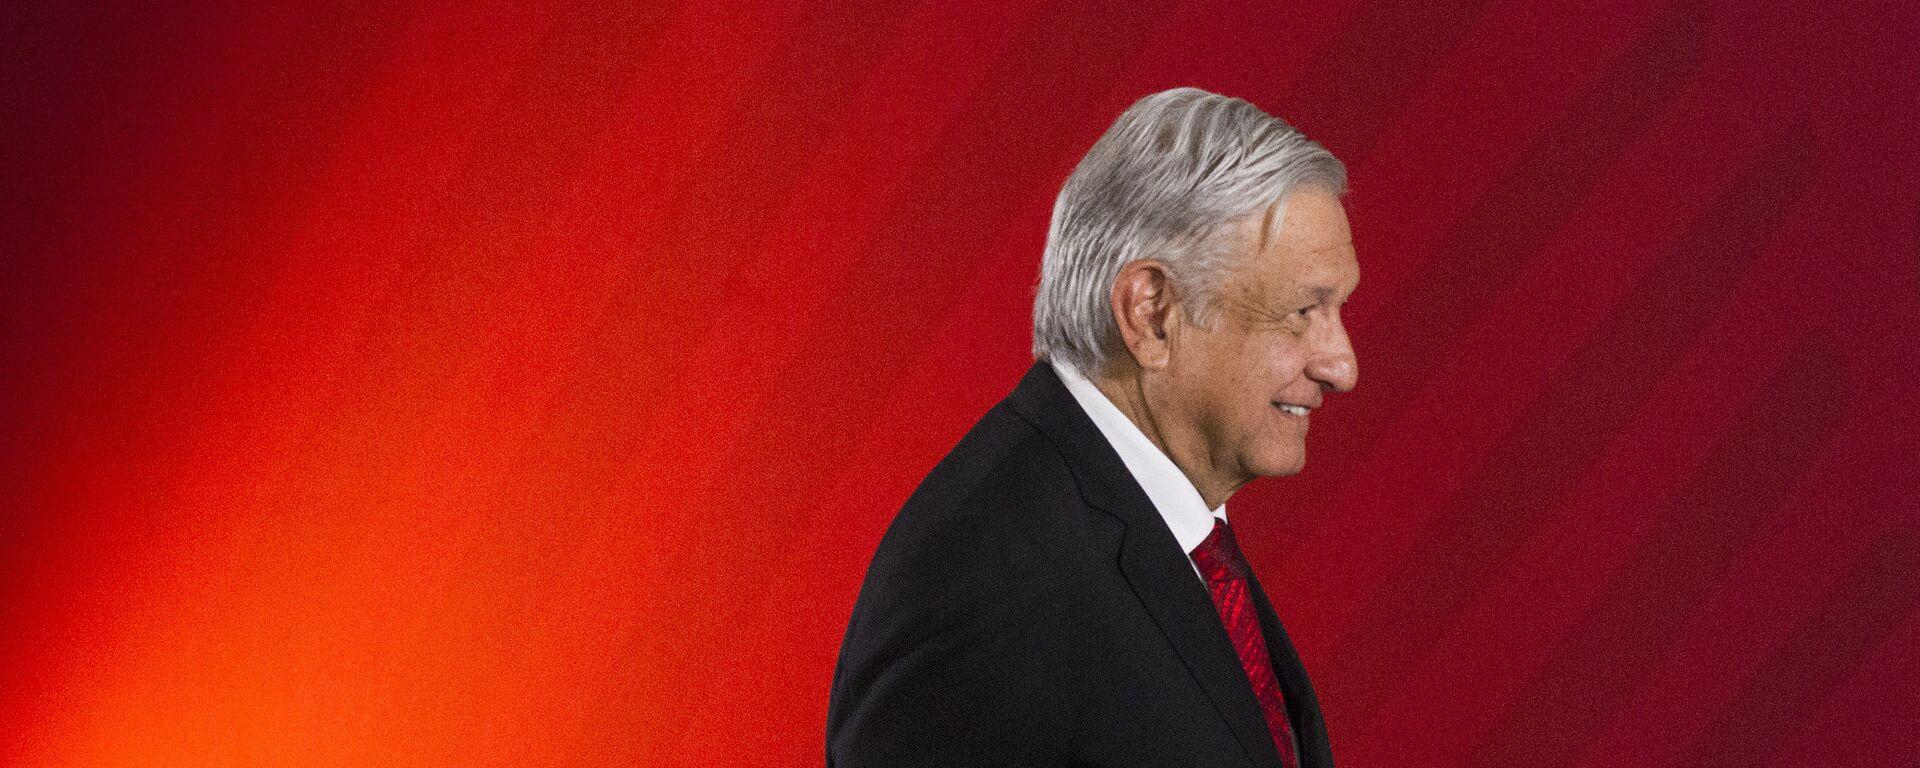 Andrés Manuel López Obrador, presidente de México - Sputnik Mundo, 1920, 25.01.2021